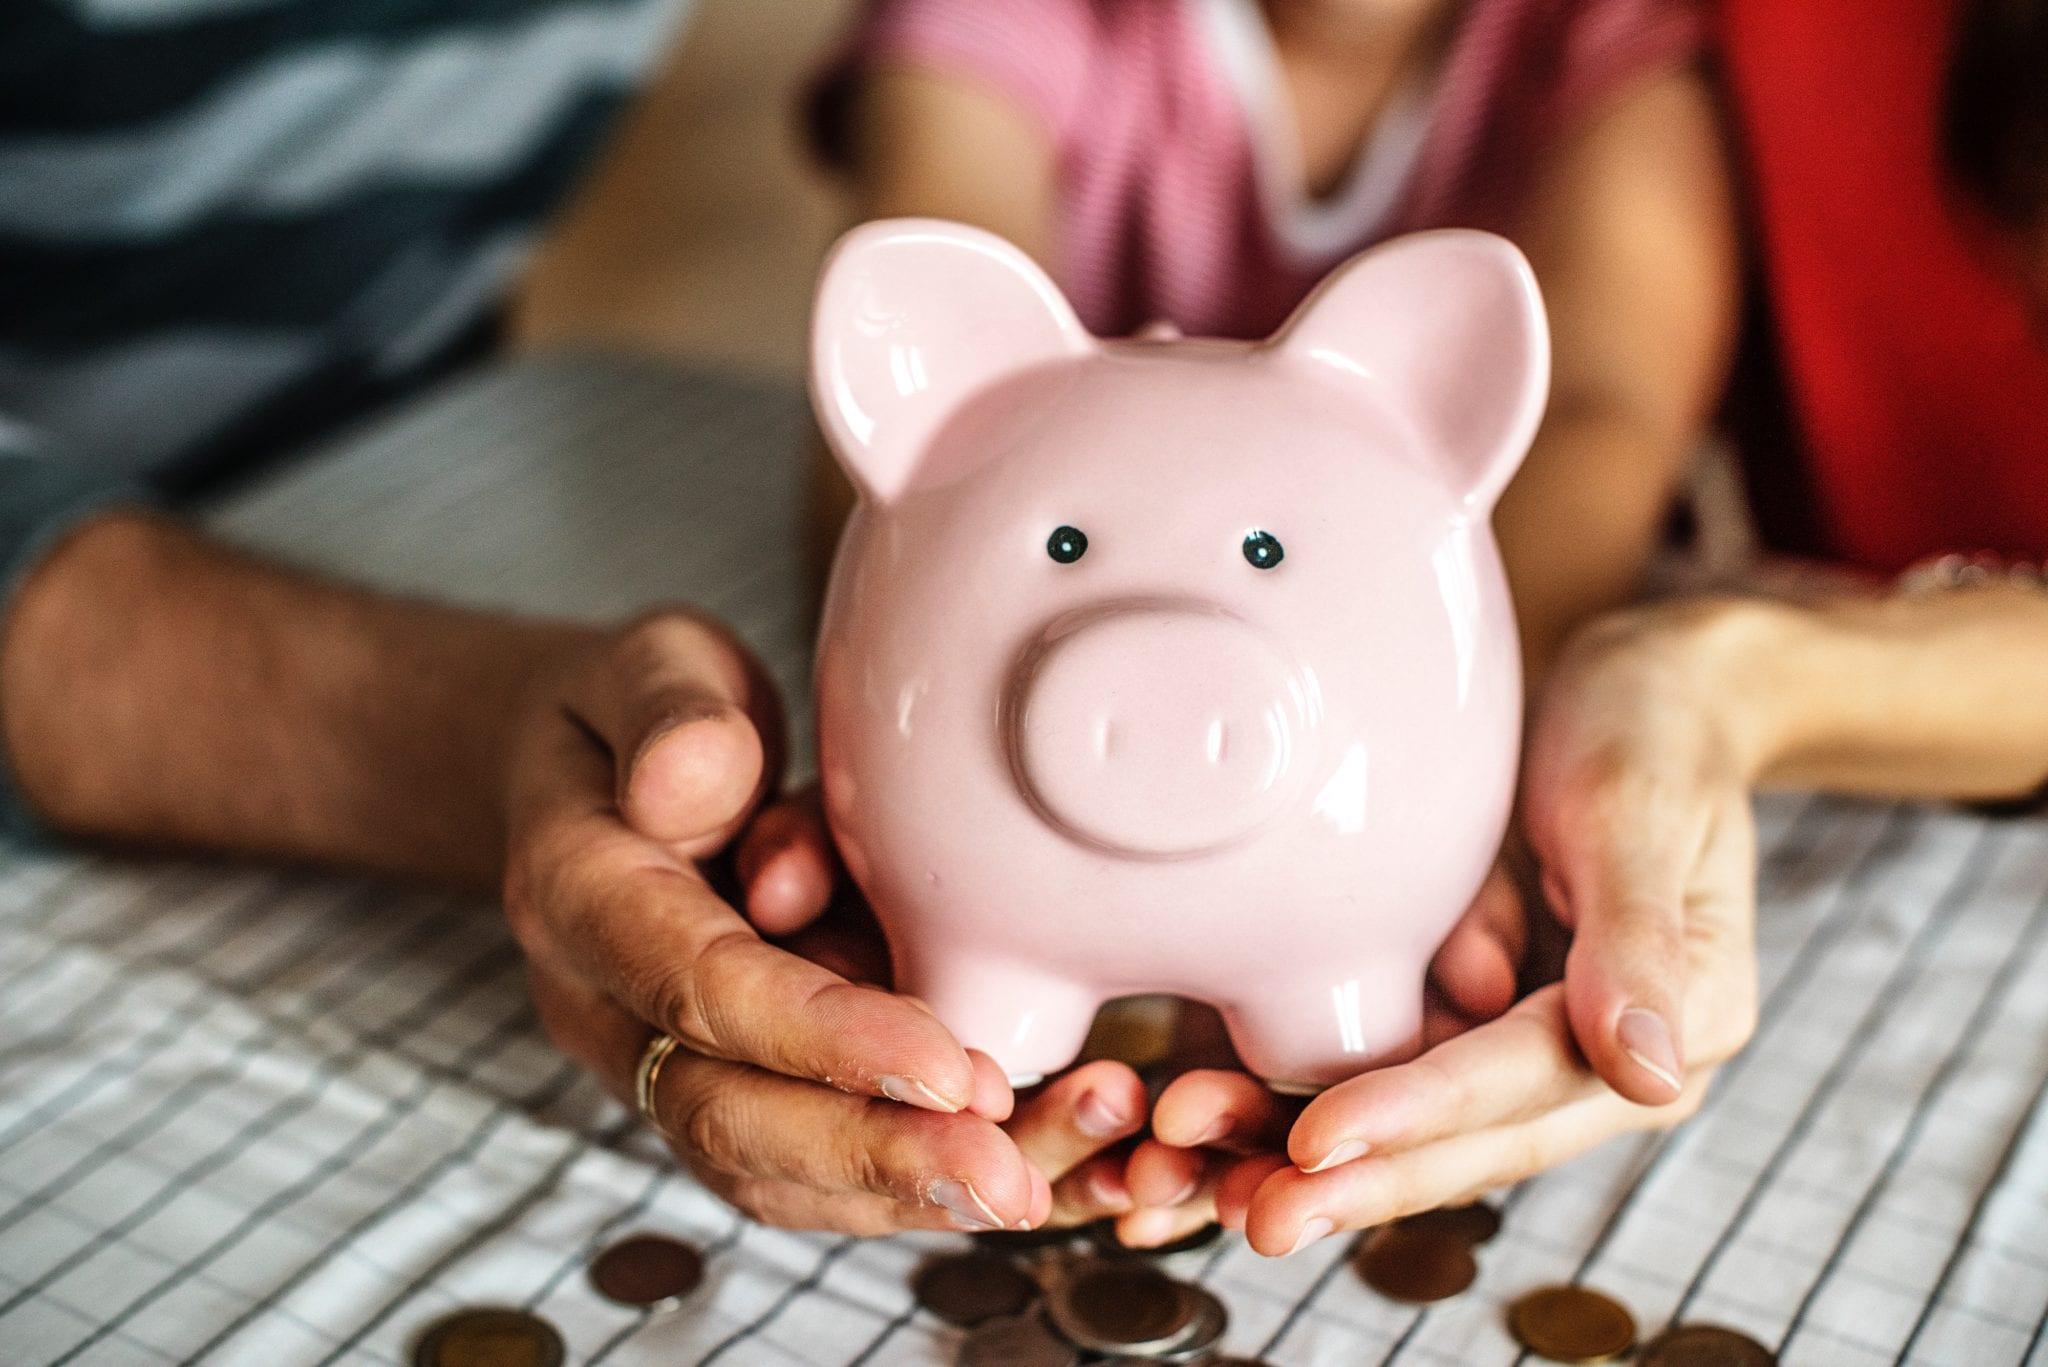 เทคนิคการเก็บเงิน, วิธีออมเงินอย่างฉลาด